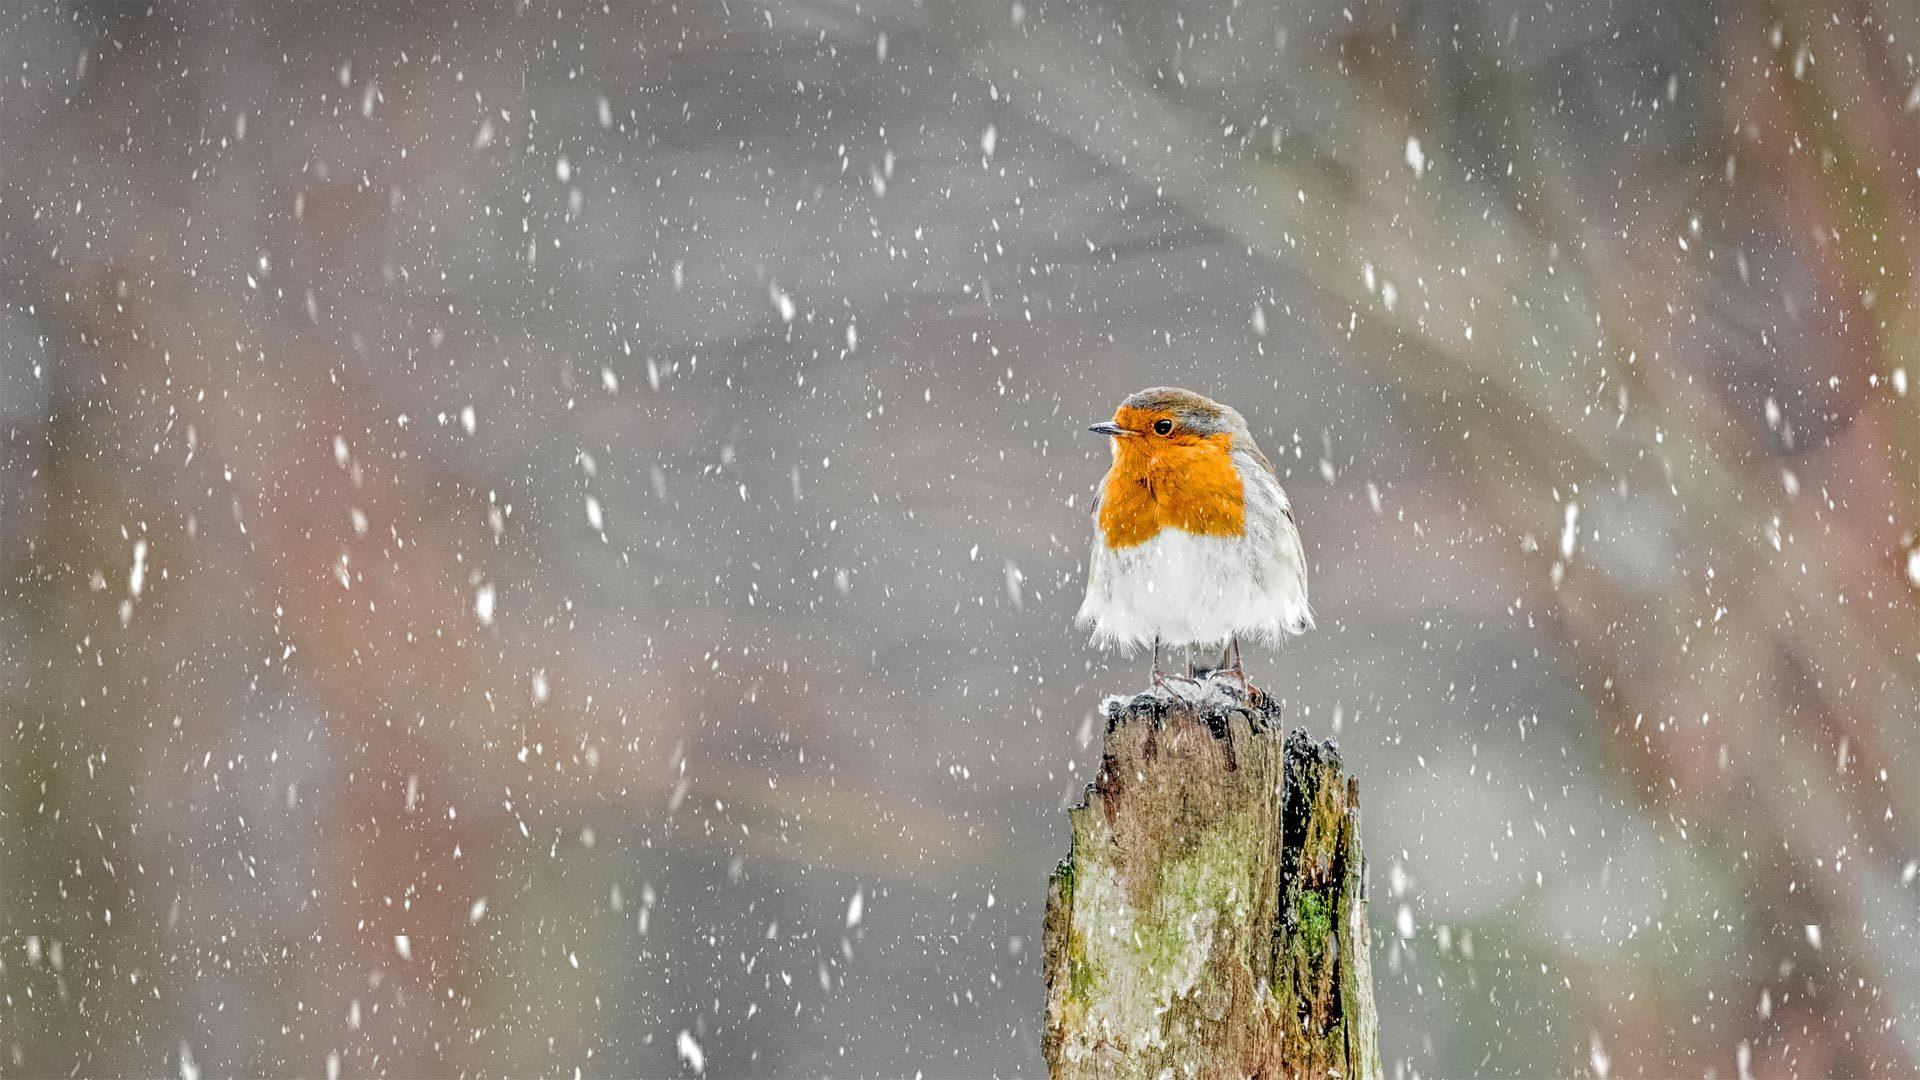 冬季暴风雪中的欧亚鸲欧亚鸲